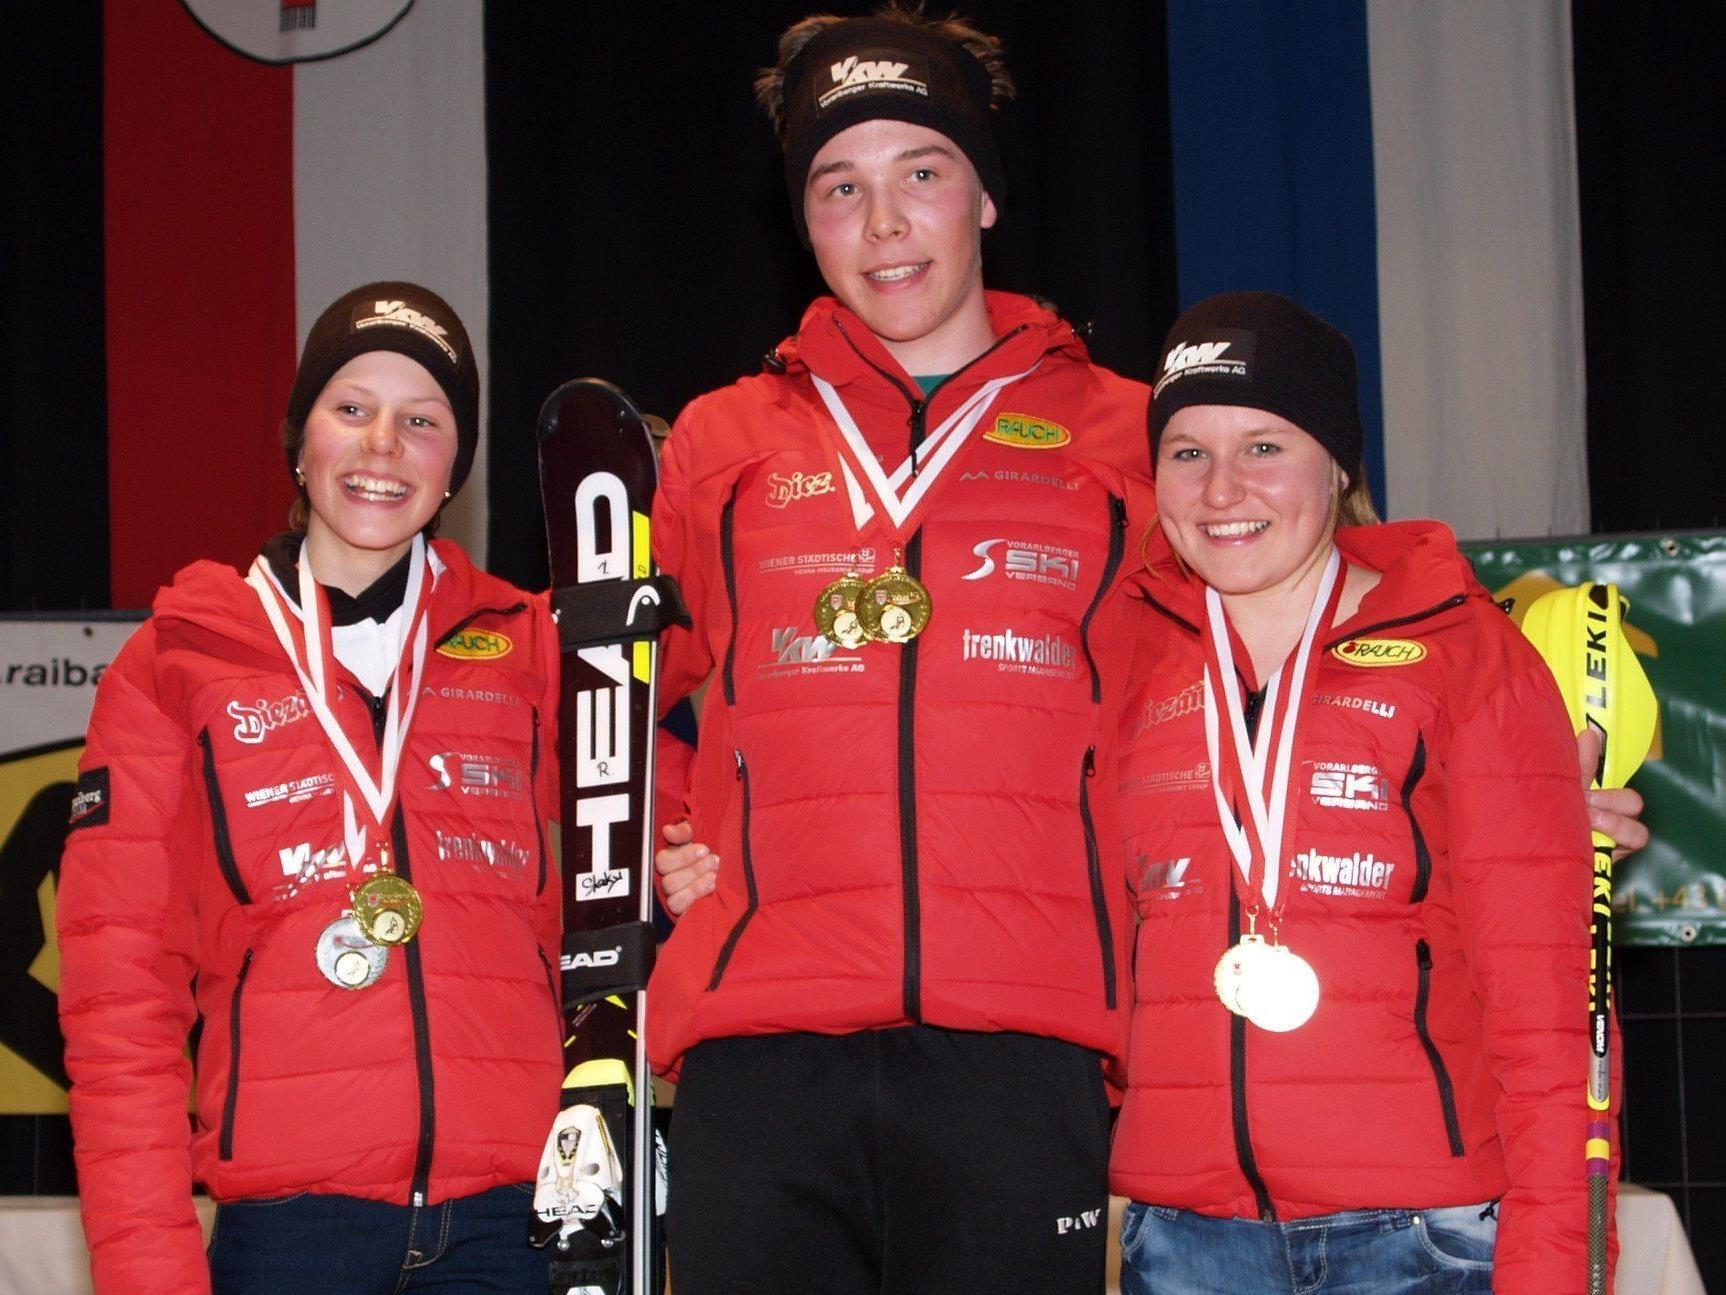 Magdalena Kappaurer, Philipp Stockhammer und Vanessa Nussbaumer waren die großen Gewinner in Sonntag.